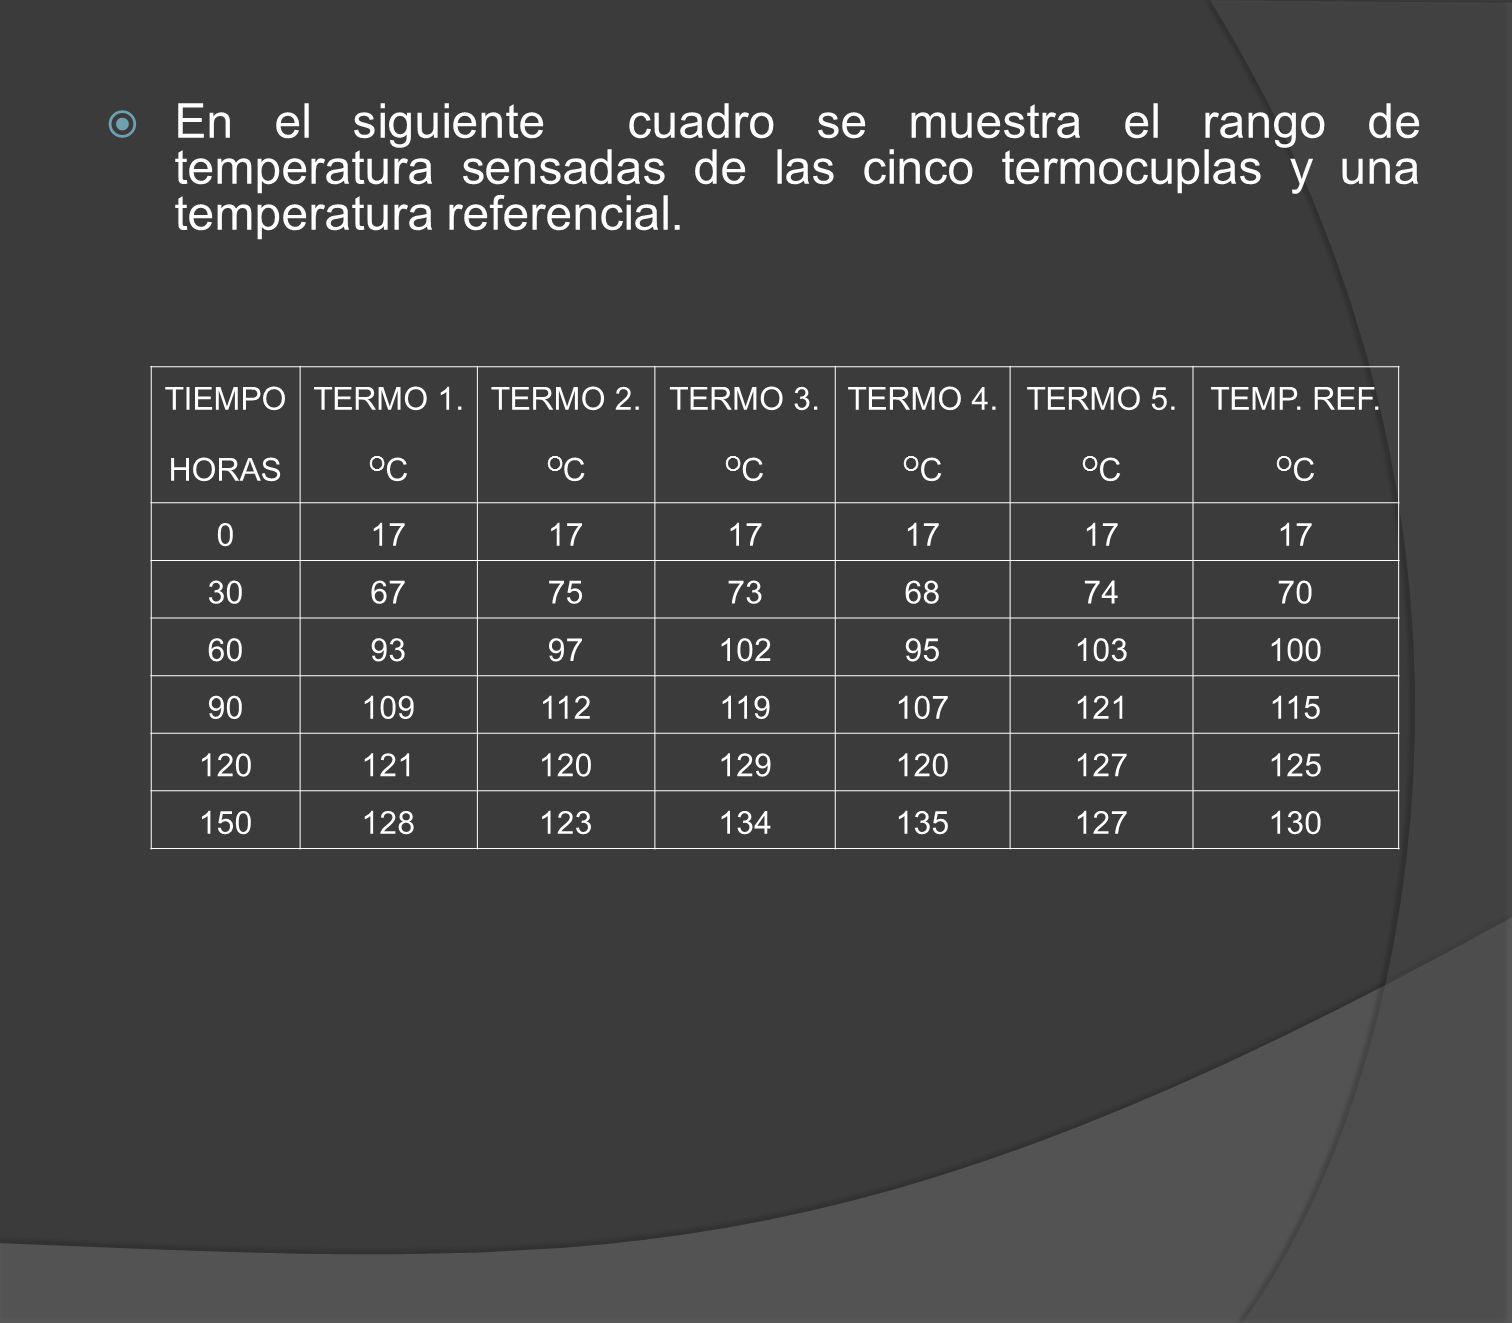 En el siguiente cuadro se muestra el rango de temperatura sensadas de las cinco termocuplas y una temperatura referencial.